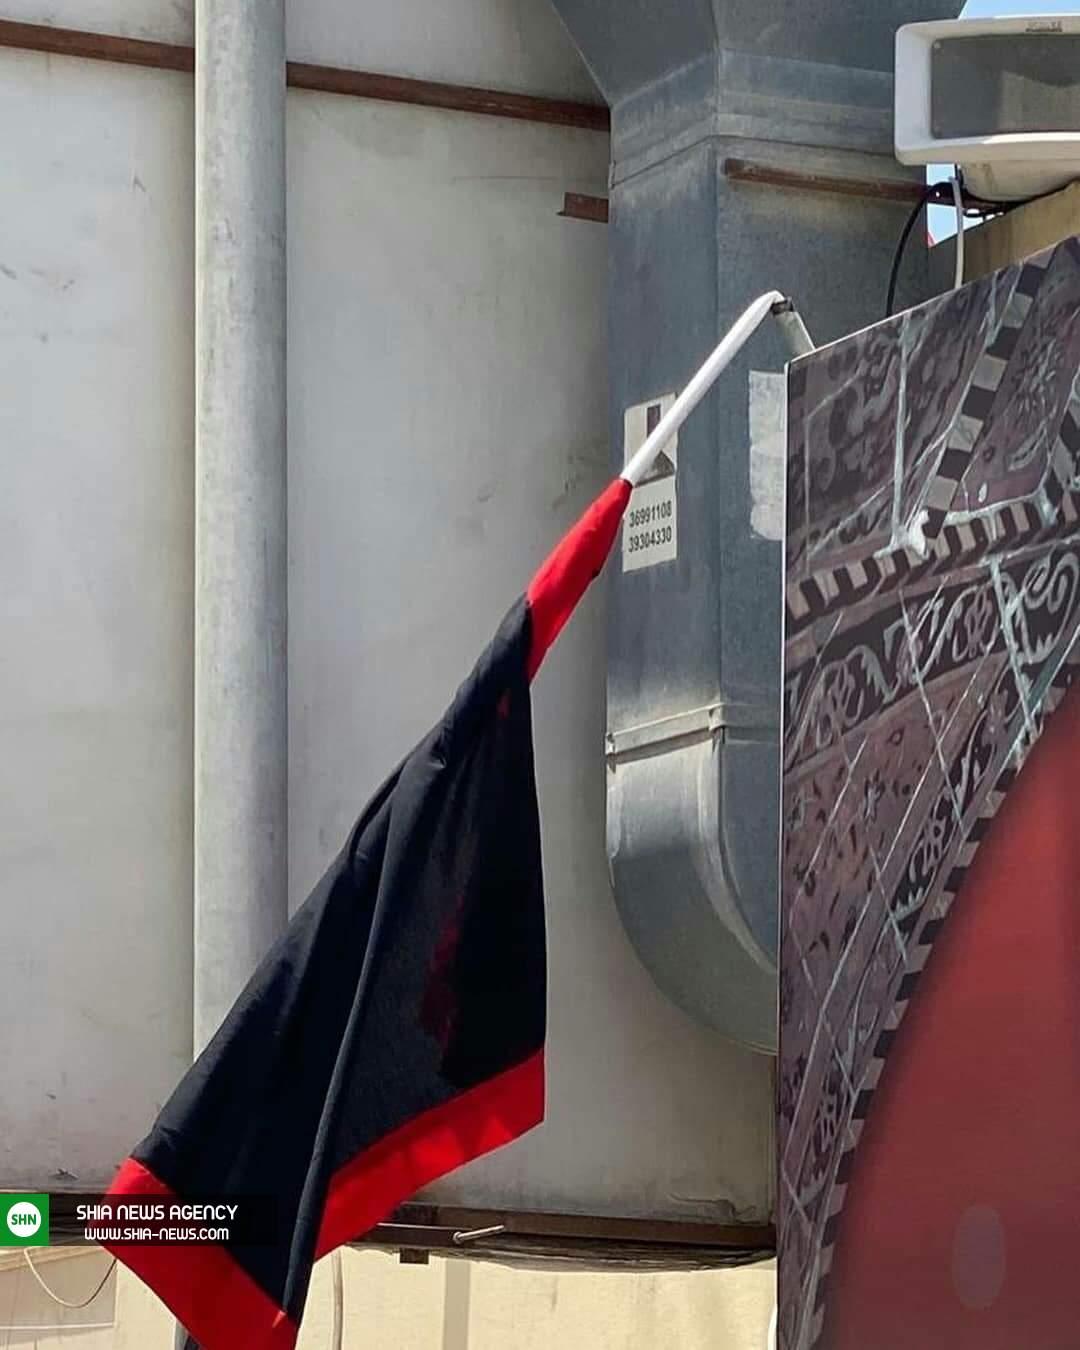 حمله نیروهای آل خلیفه به نمادهای عاشورایی+ تصاویر